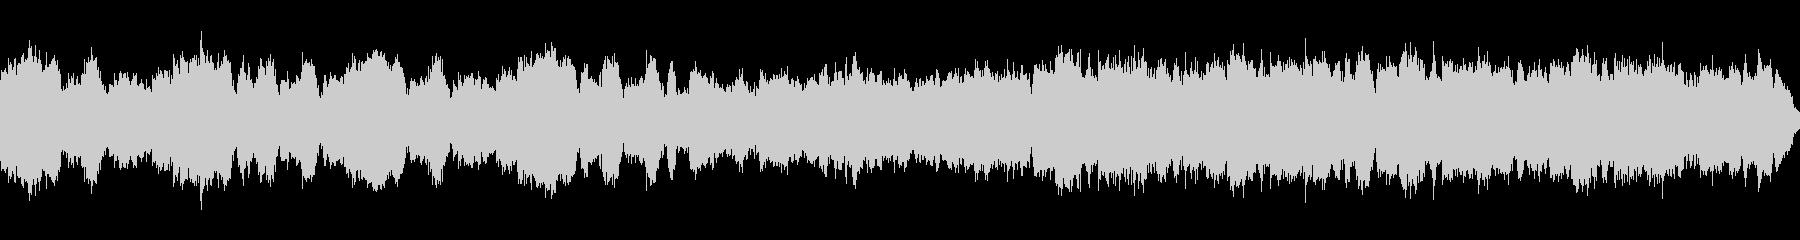 パイプオルガンの明るい曲・ループの未再生の波形